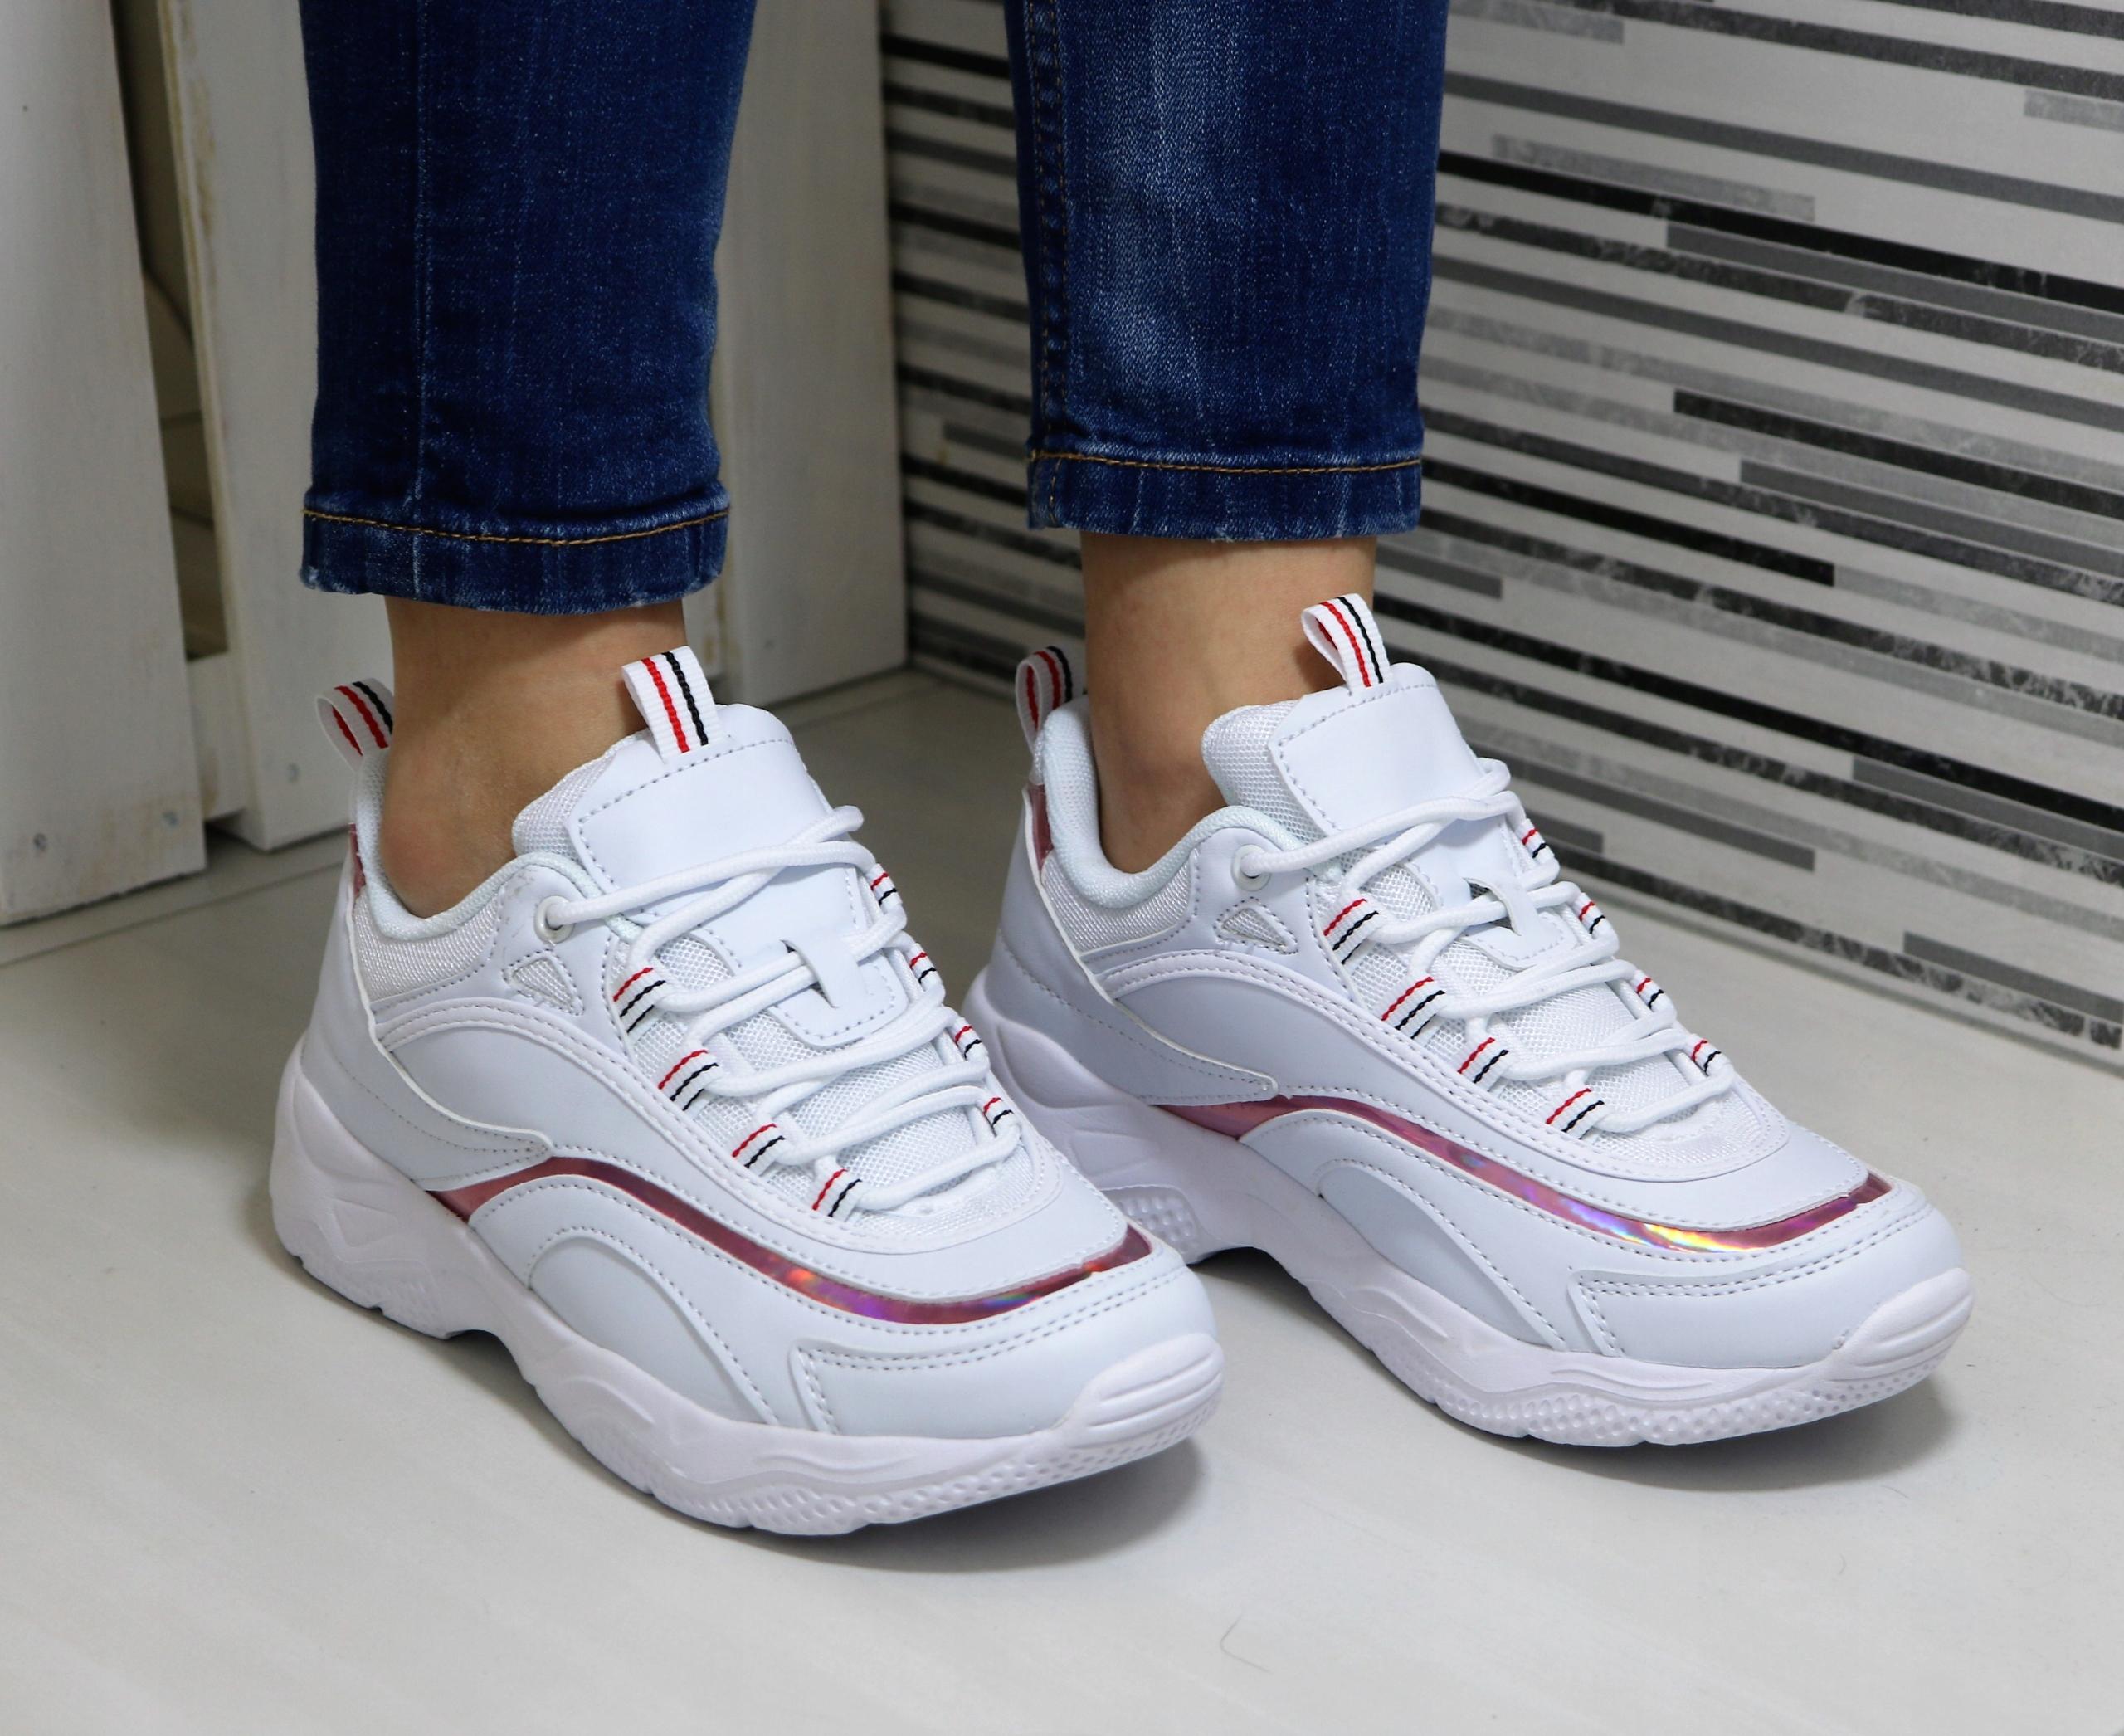 popularna marka nowy design dobra tekstura Buty Damskie Sportowe Adidasy 38r - 7861261407 - oficjalne ...